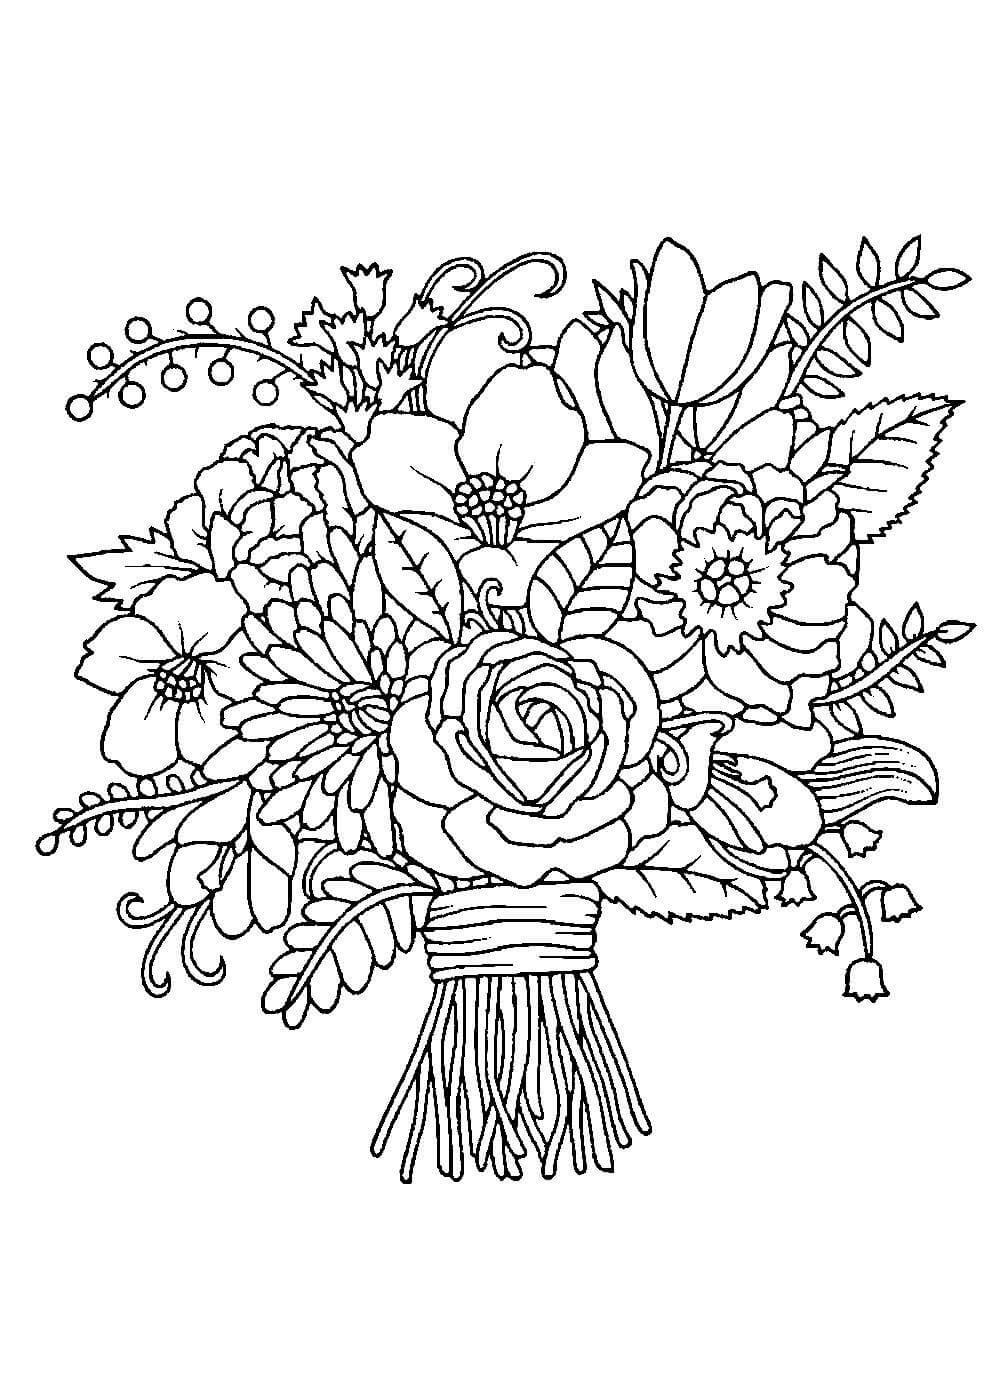 заказники, картинки маме на день рождения распечатать картинки озеро єдине